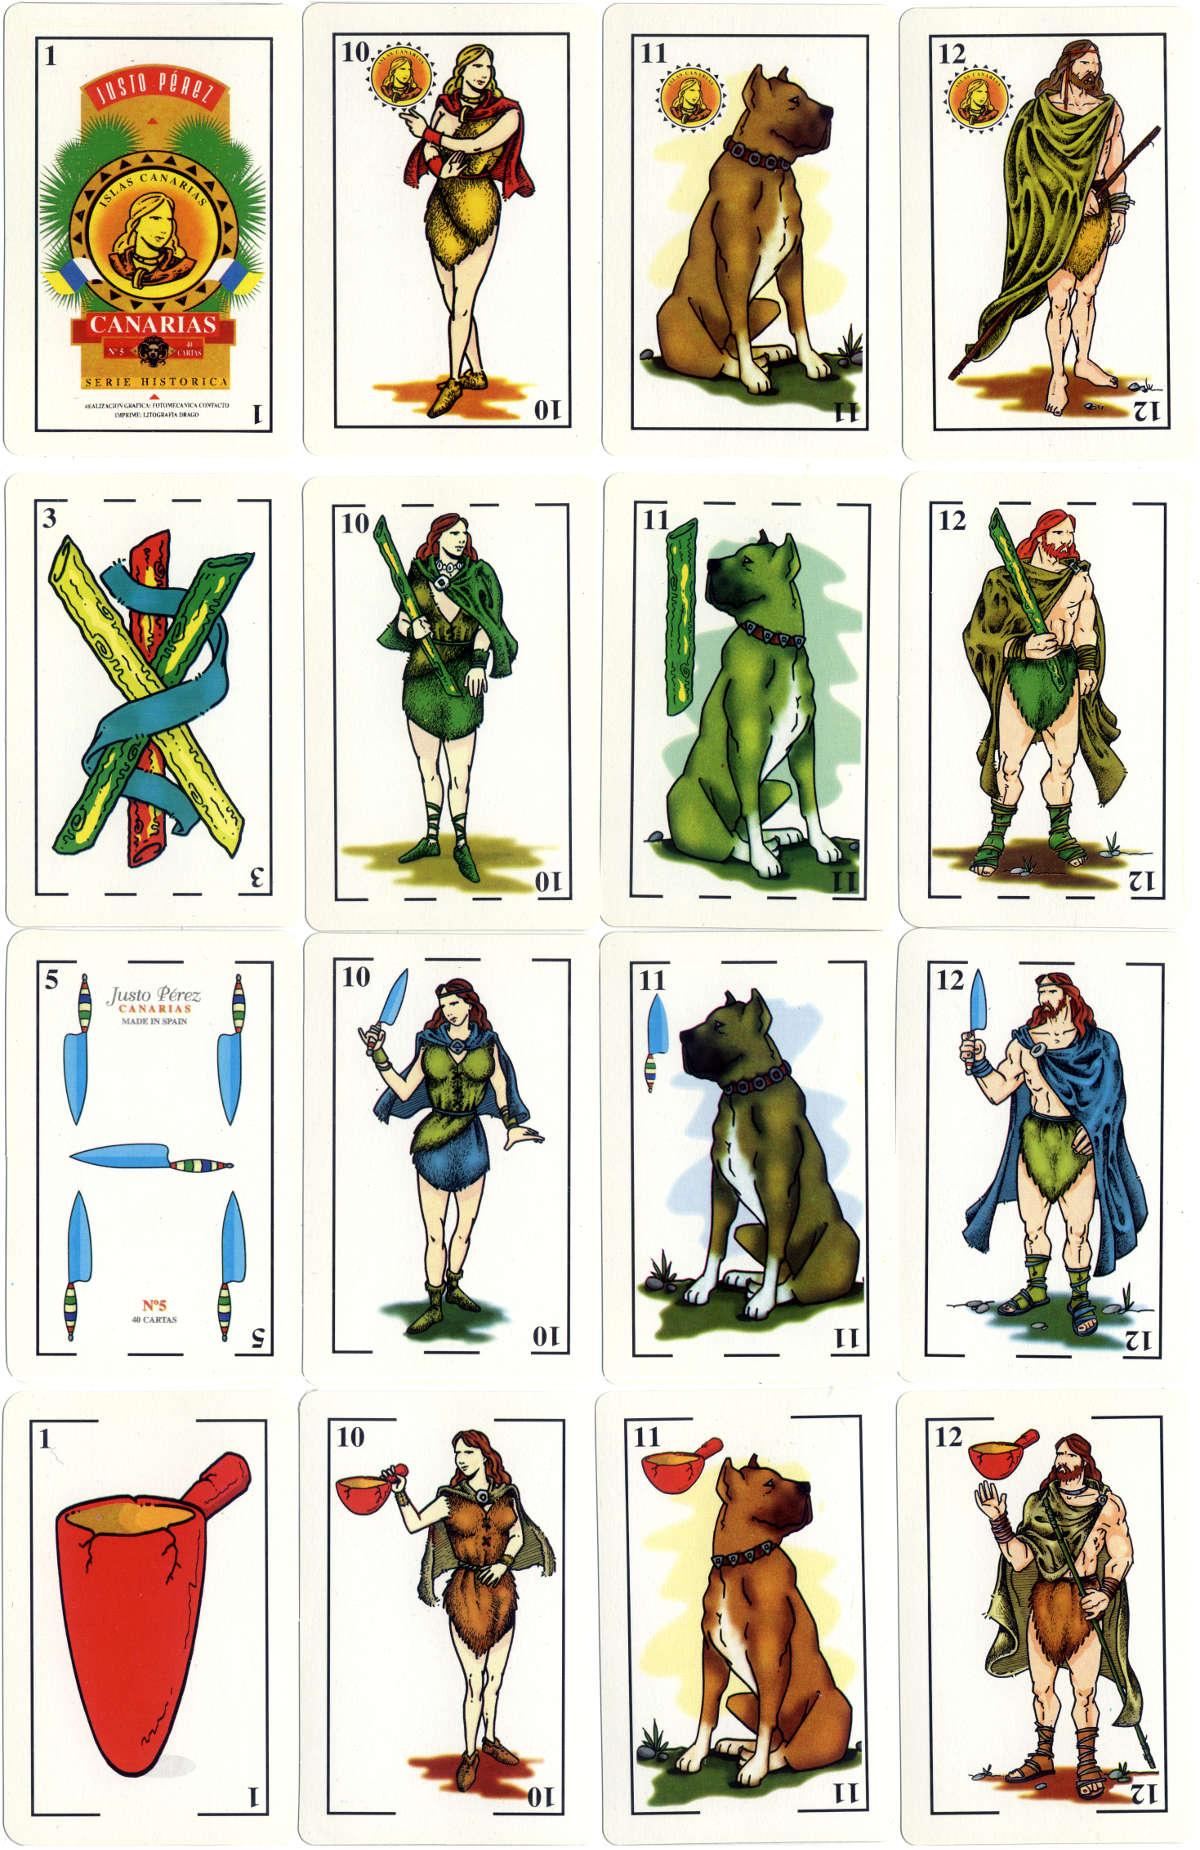 'La Auténtica Baraja Canaria' Nº5 Serie Histórica, published by Justo Pérez, 1995